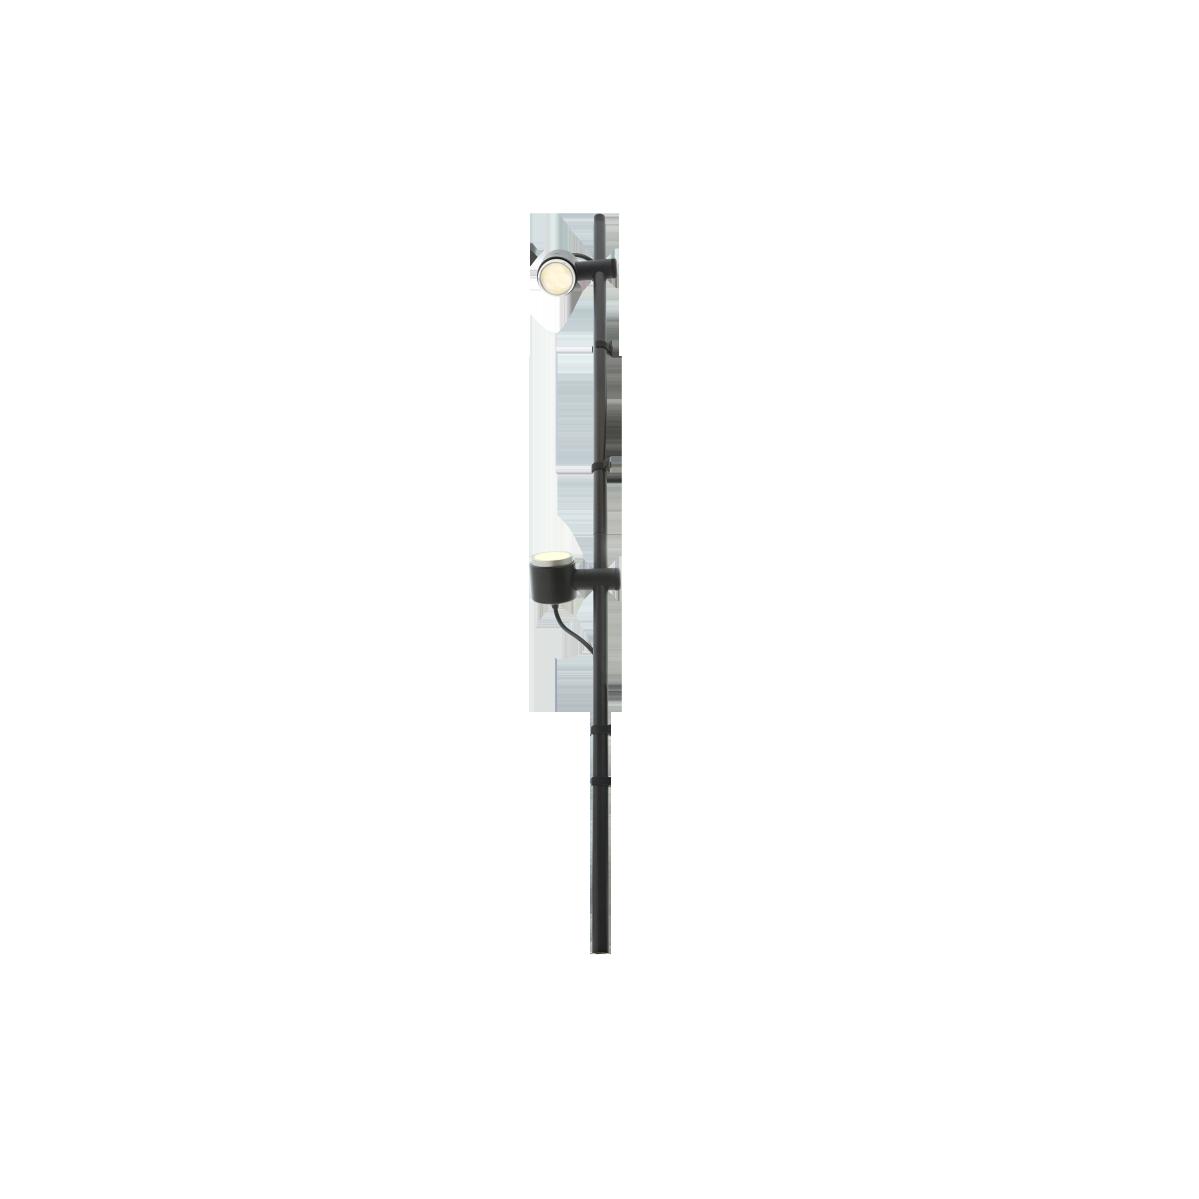 Inredning 12 volt belysning : Sävedalens Belysning | In-Lite Mini Scope Duo - Sävedalens Belysning